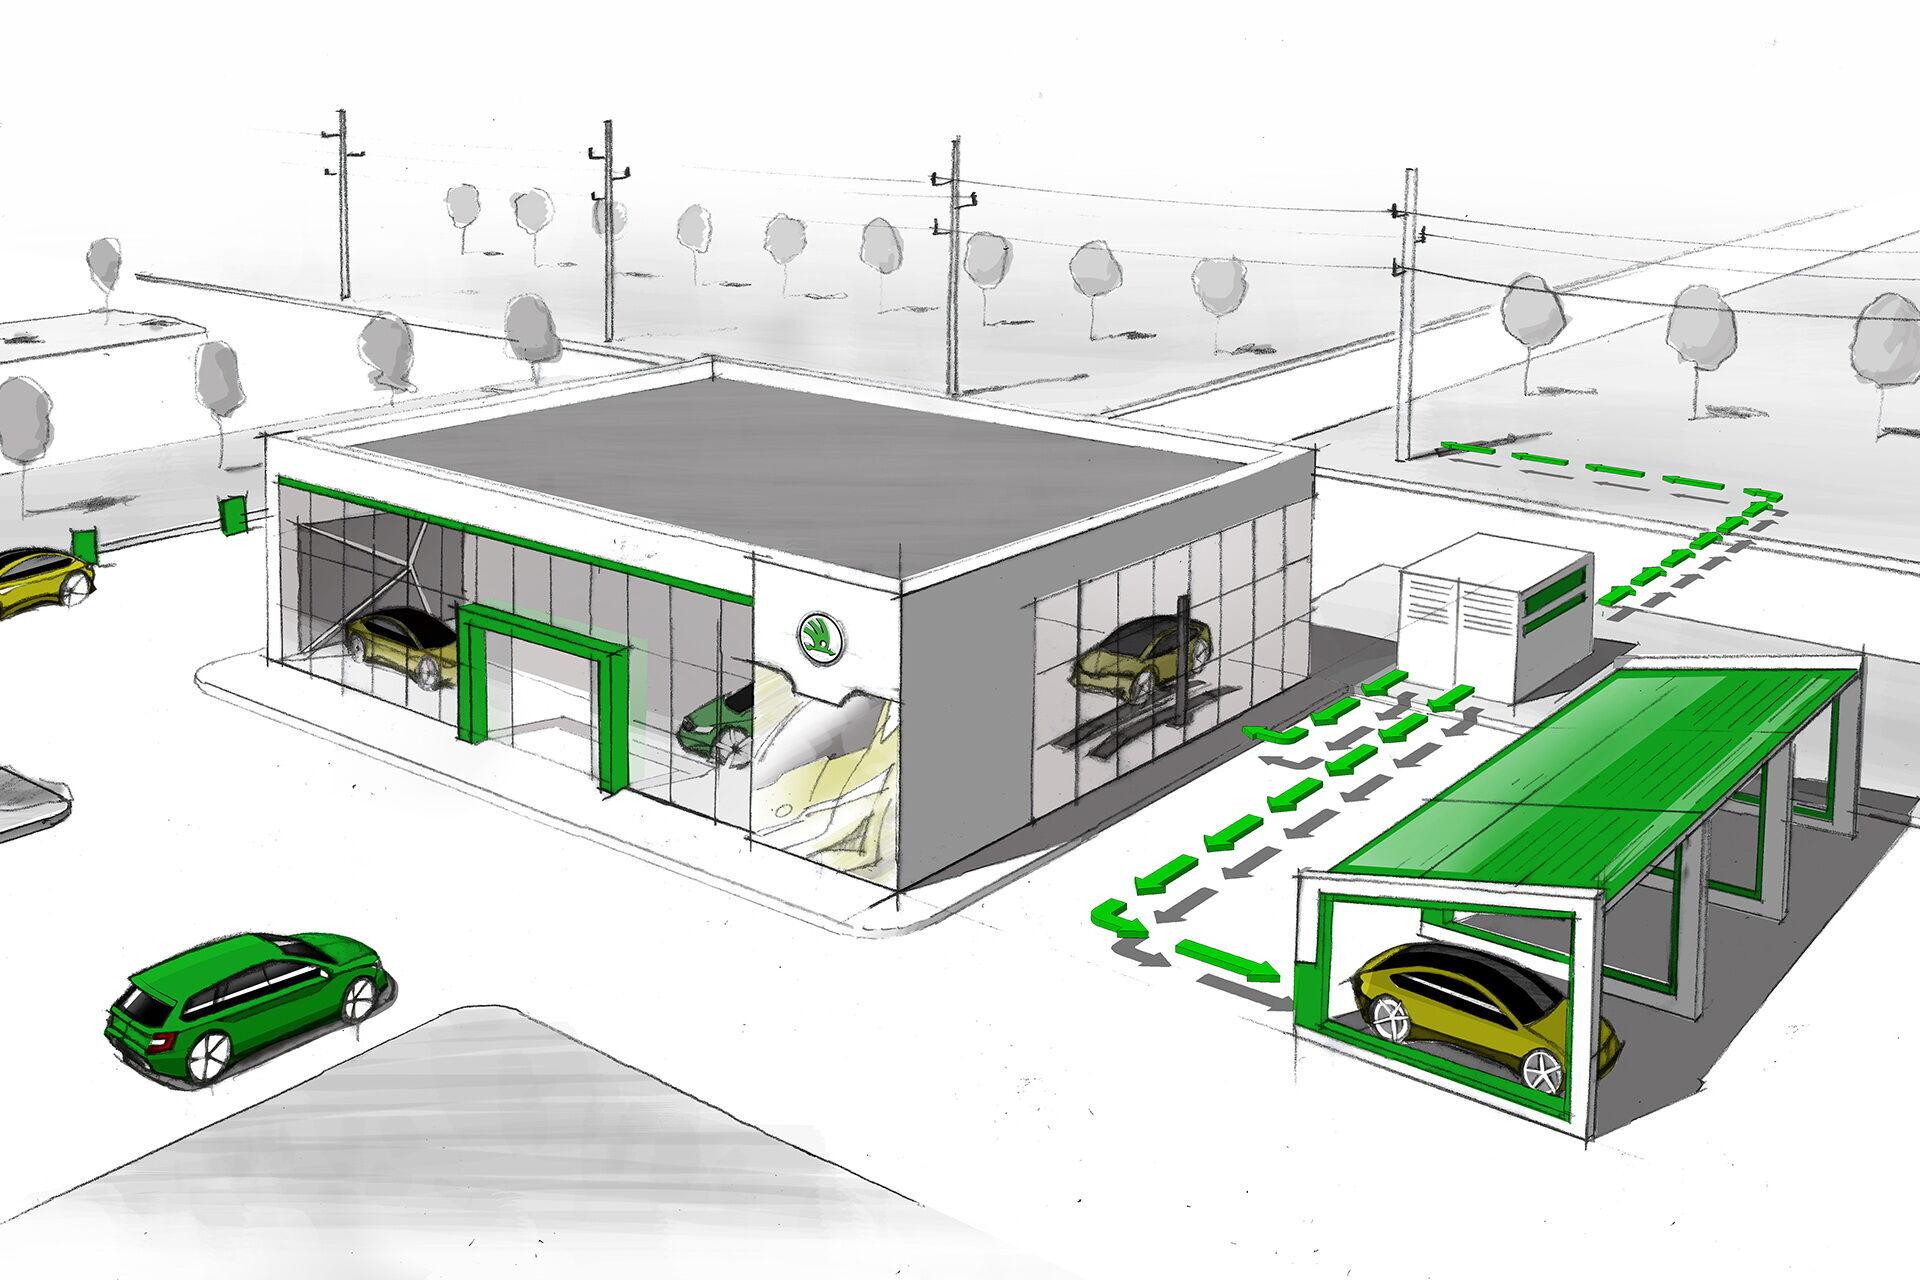 """Система може зберігати надлишки """"зеленої"""" електроенергії, що вироблена, наприклад, фотоелектричними елементами"""